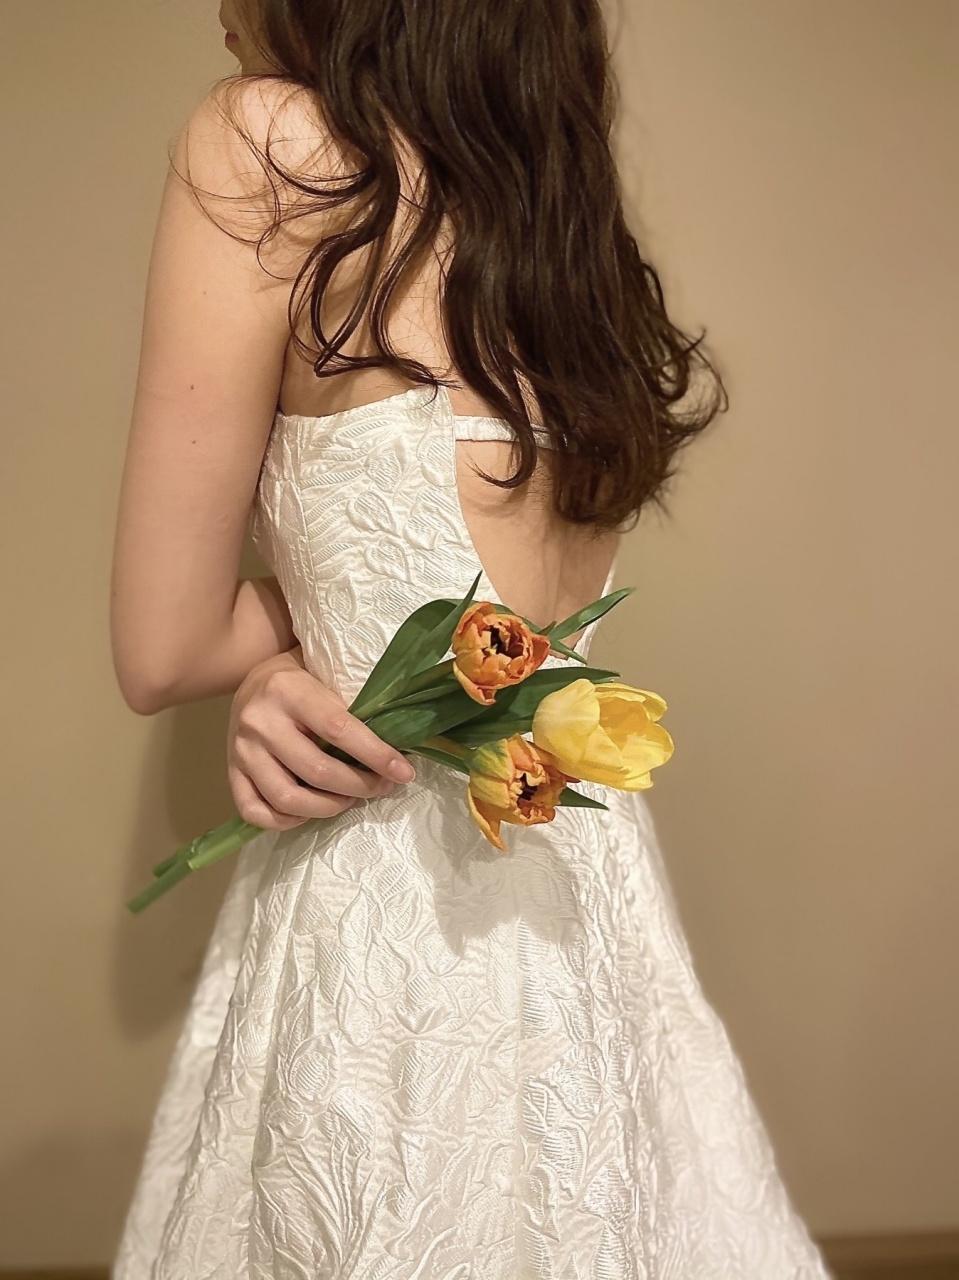 ウィズザスタイルのラグジュアリーな雰囲気にぴったりなAラインのウエディングドレスは、ウェーブのダウンヘアを合わせて抜け感を出してお召し頂くのも素敵